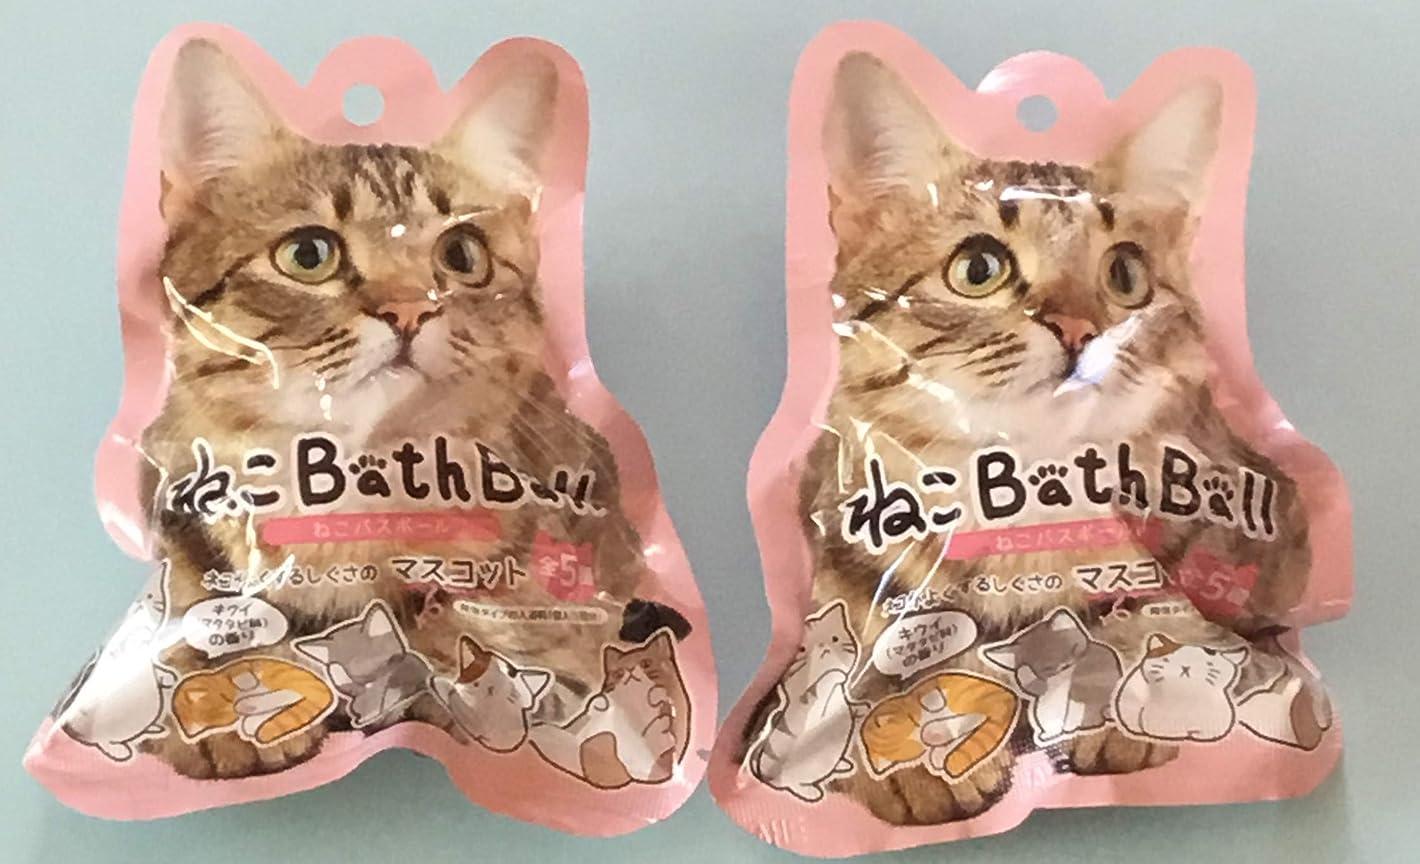 ルーフ兵隊中級入浴剤 猫 ねこ ネコ フィギュア入り バスボール 2個セット キウイ 発泡タイプ